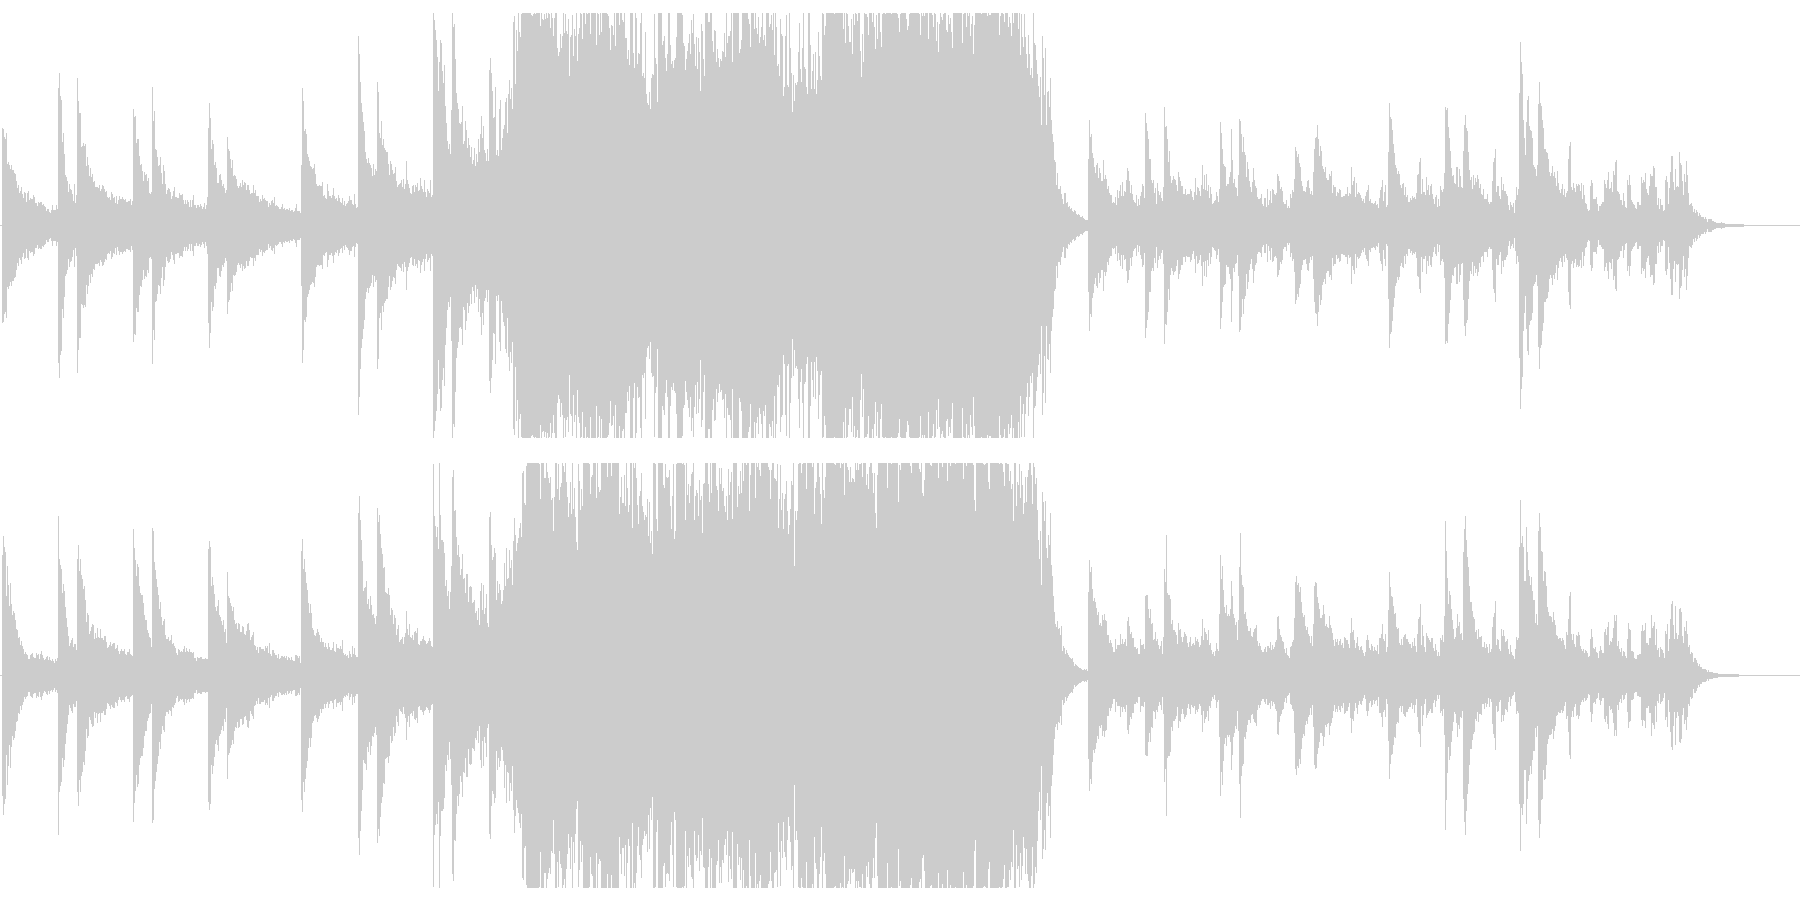 エンディング感のあるポップオーケストラの未再生の波形